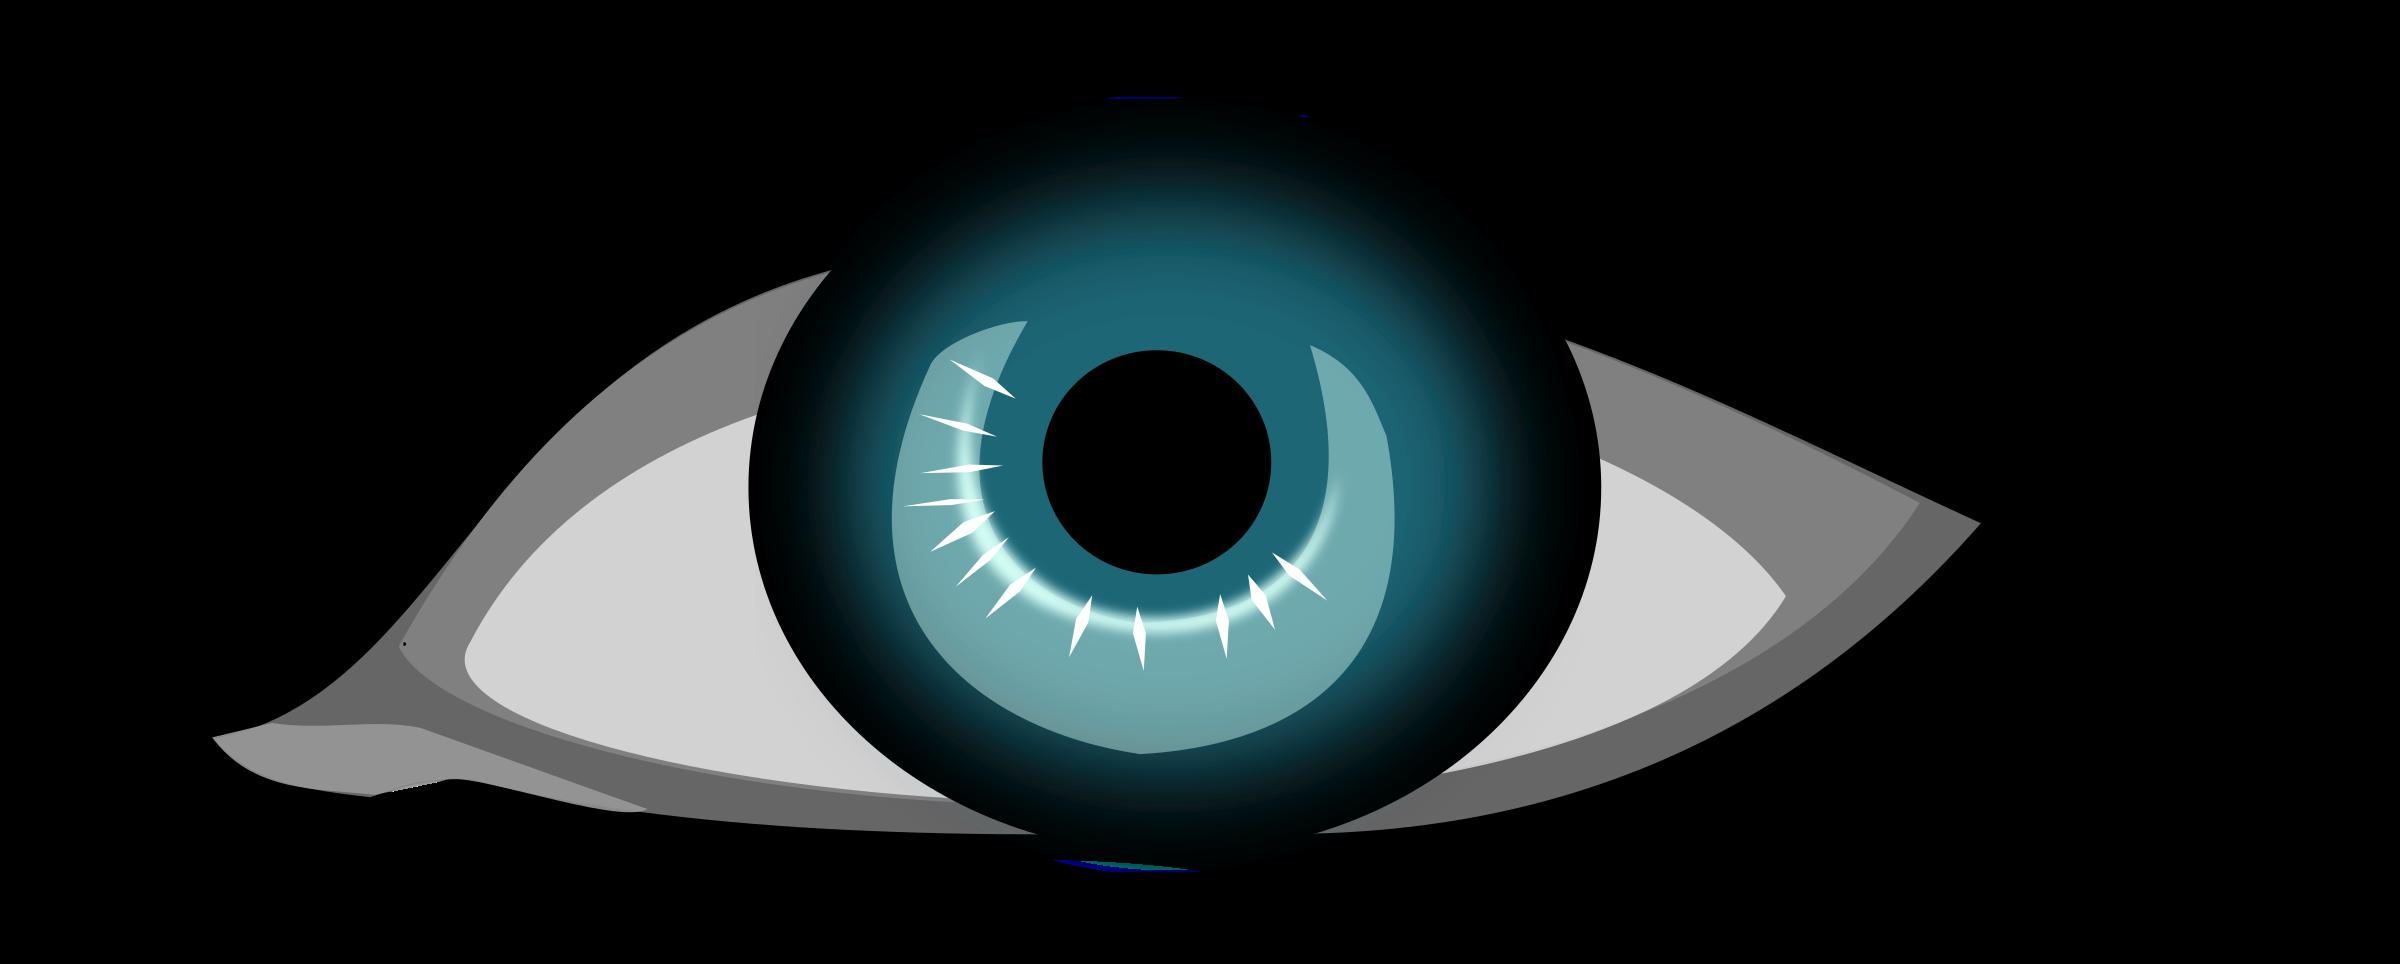 Eyelash clipart animated, Eyelash animated Transparent FREE.